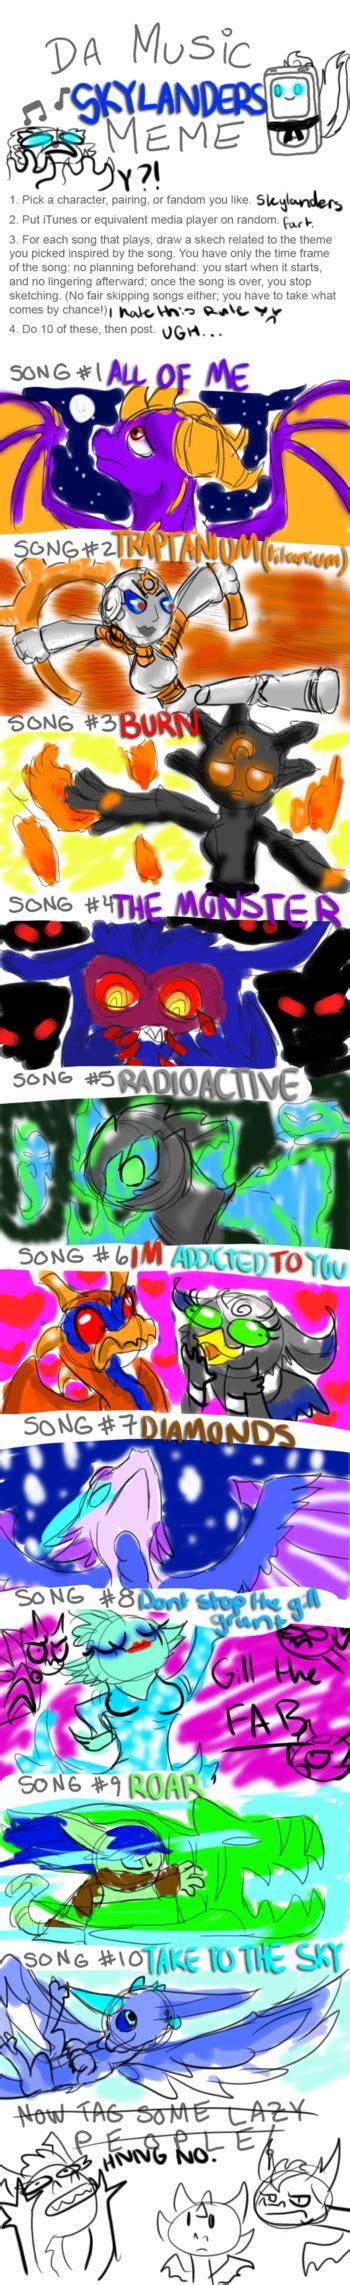 Kaos Meme Lol 1985 meme skylanders by za purple derp on deviantart